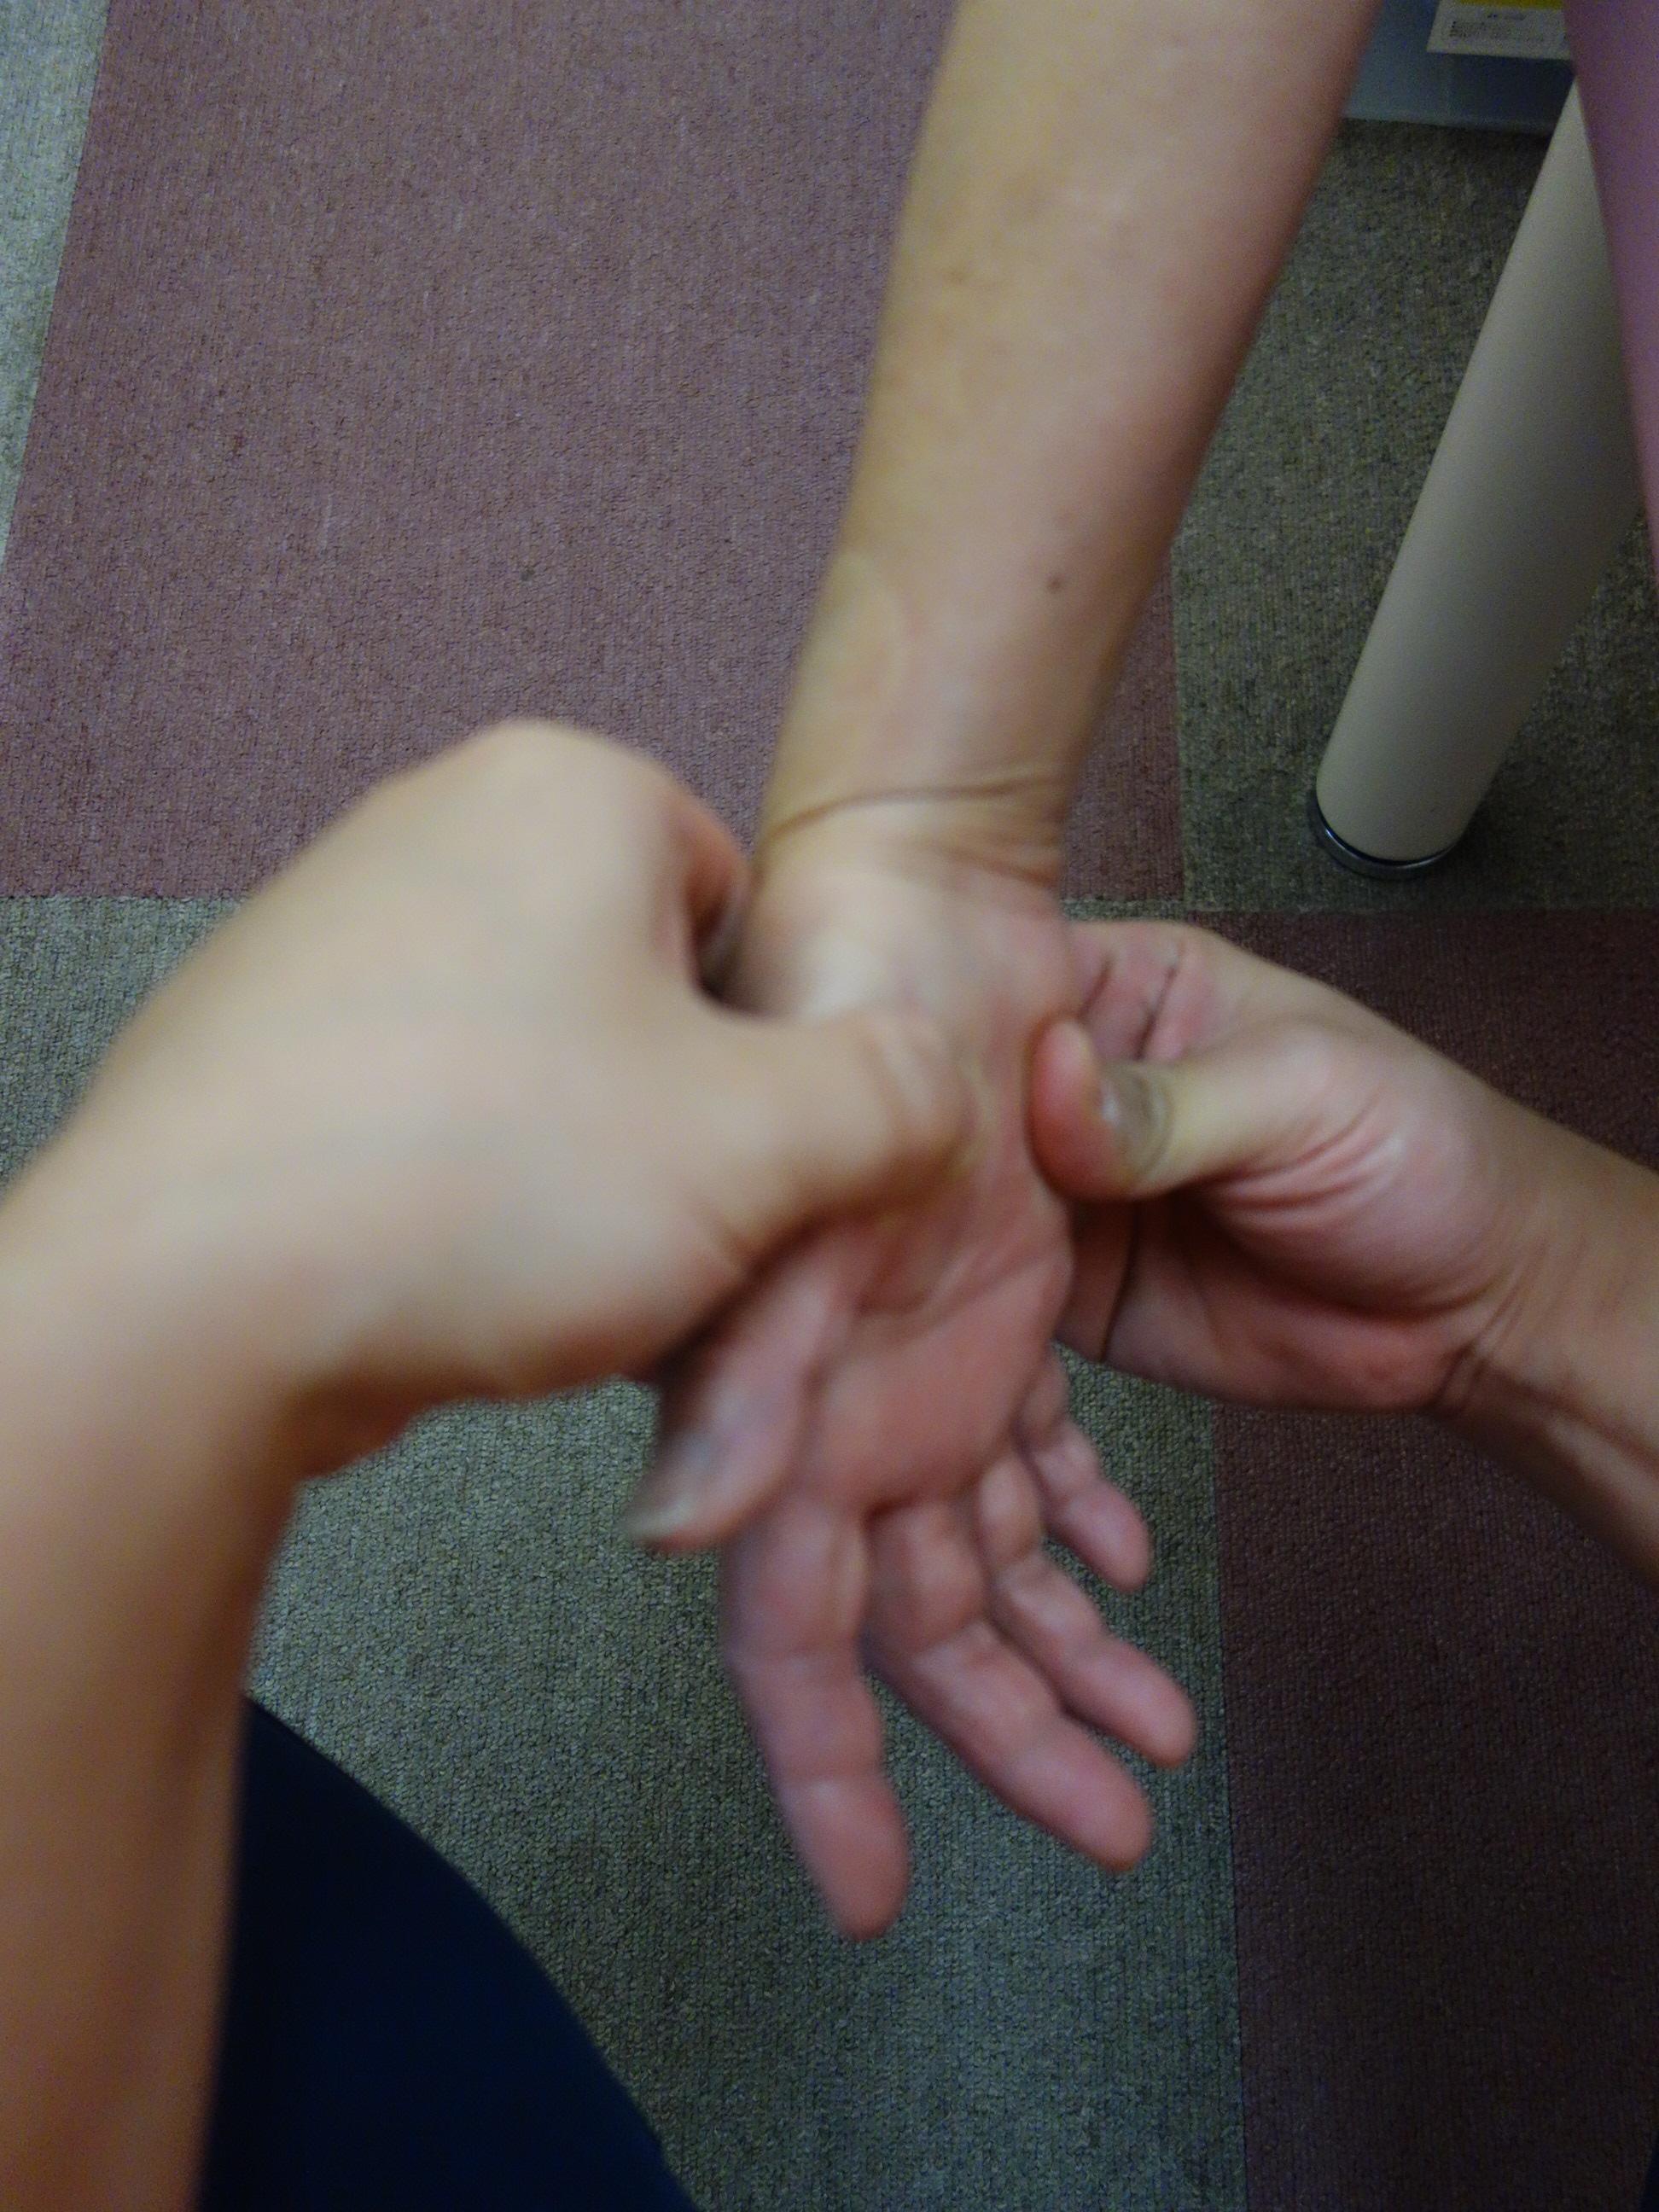 ばね指の横浜西区の治療院でマッサージ治療をしている写真